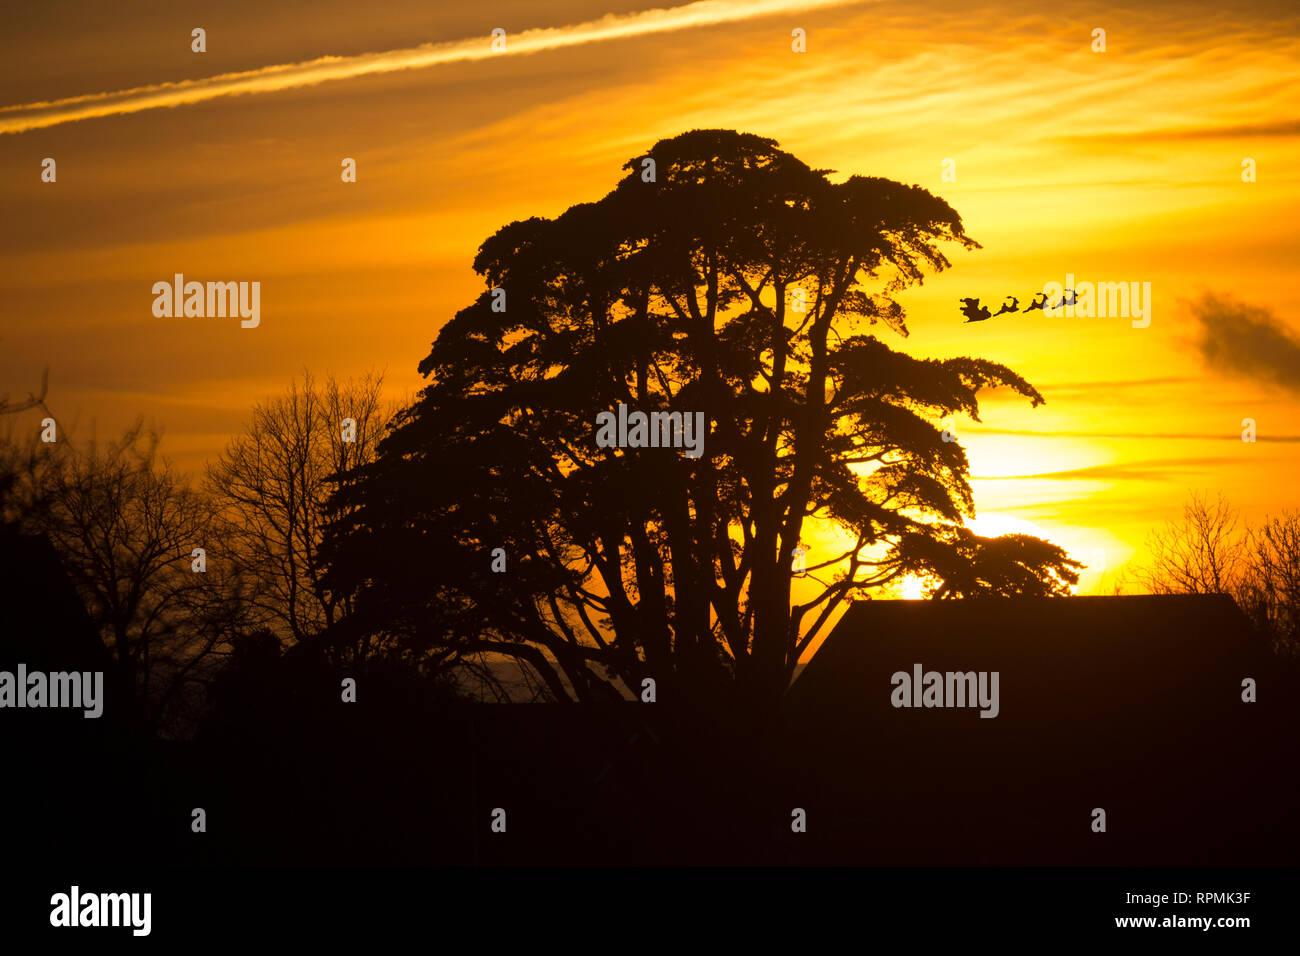 Der Weihnachtsmann auf Schlitten mit Regen Rehe Fliegen mit präsentiert. Eva, Karte, Sonnenuntergang, Baum, Bäume, Knurrhahn, Isle of Wight, England, Stockbild